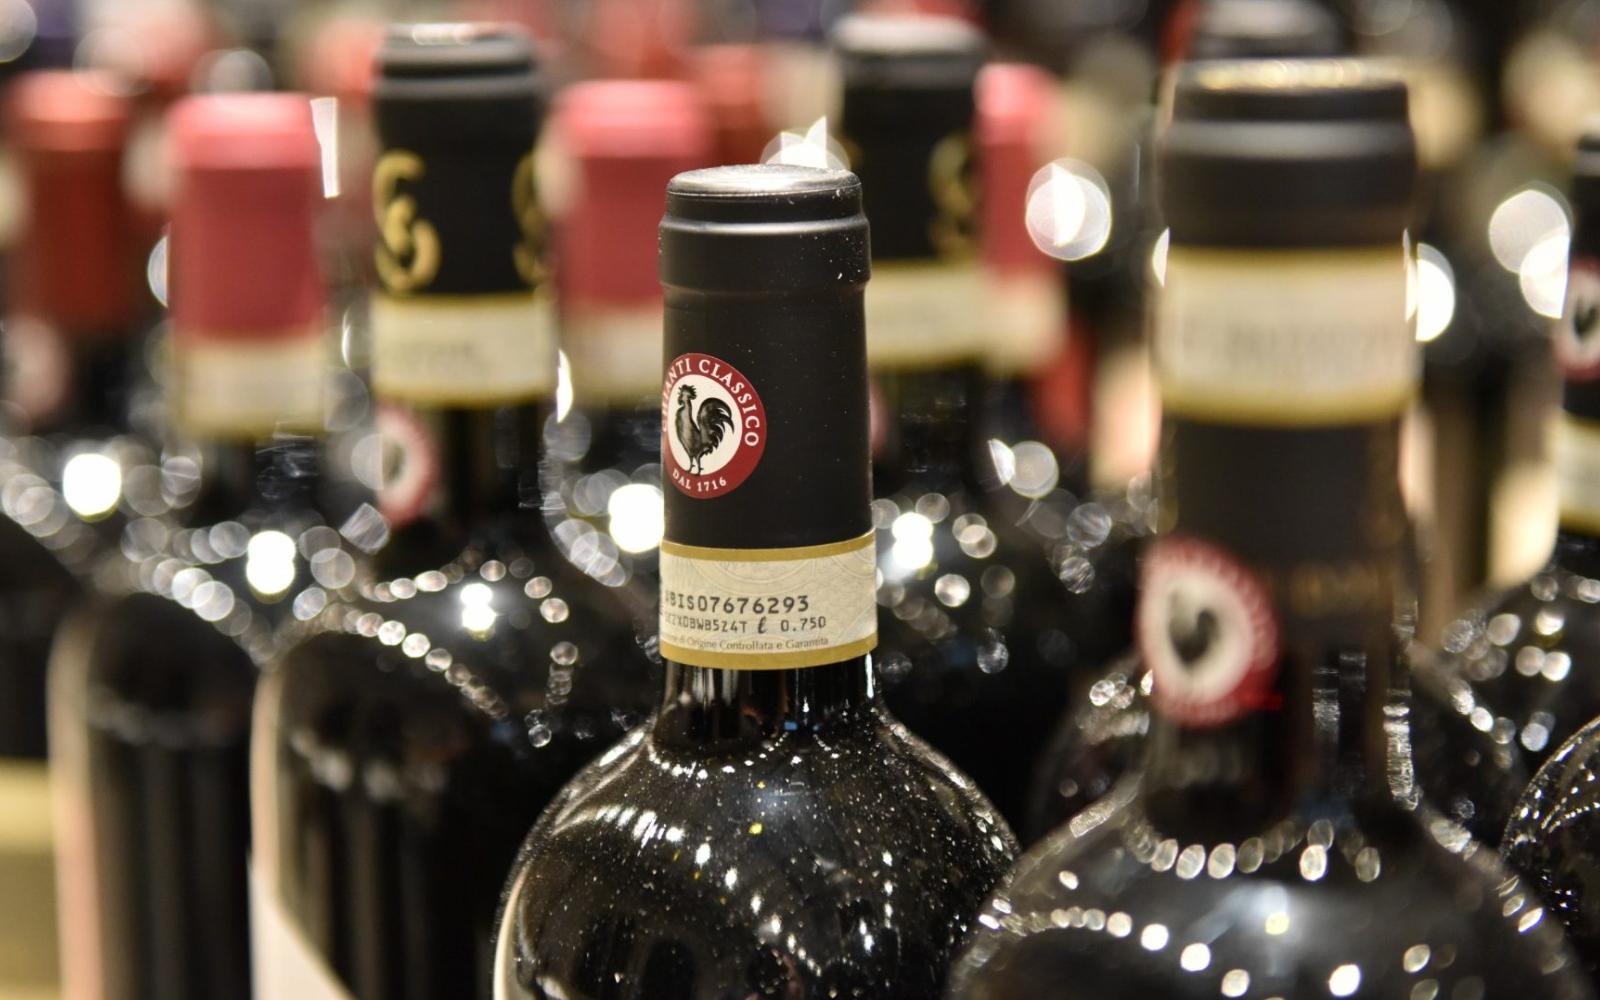 Chianti Classico wijnen